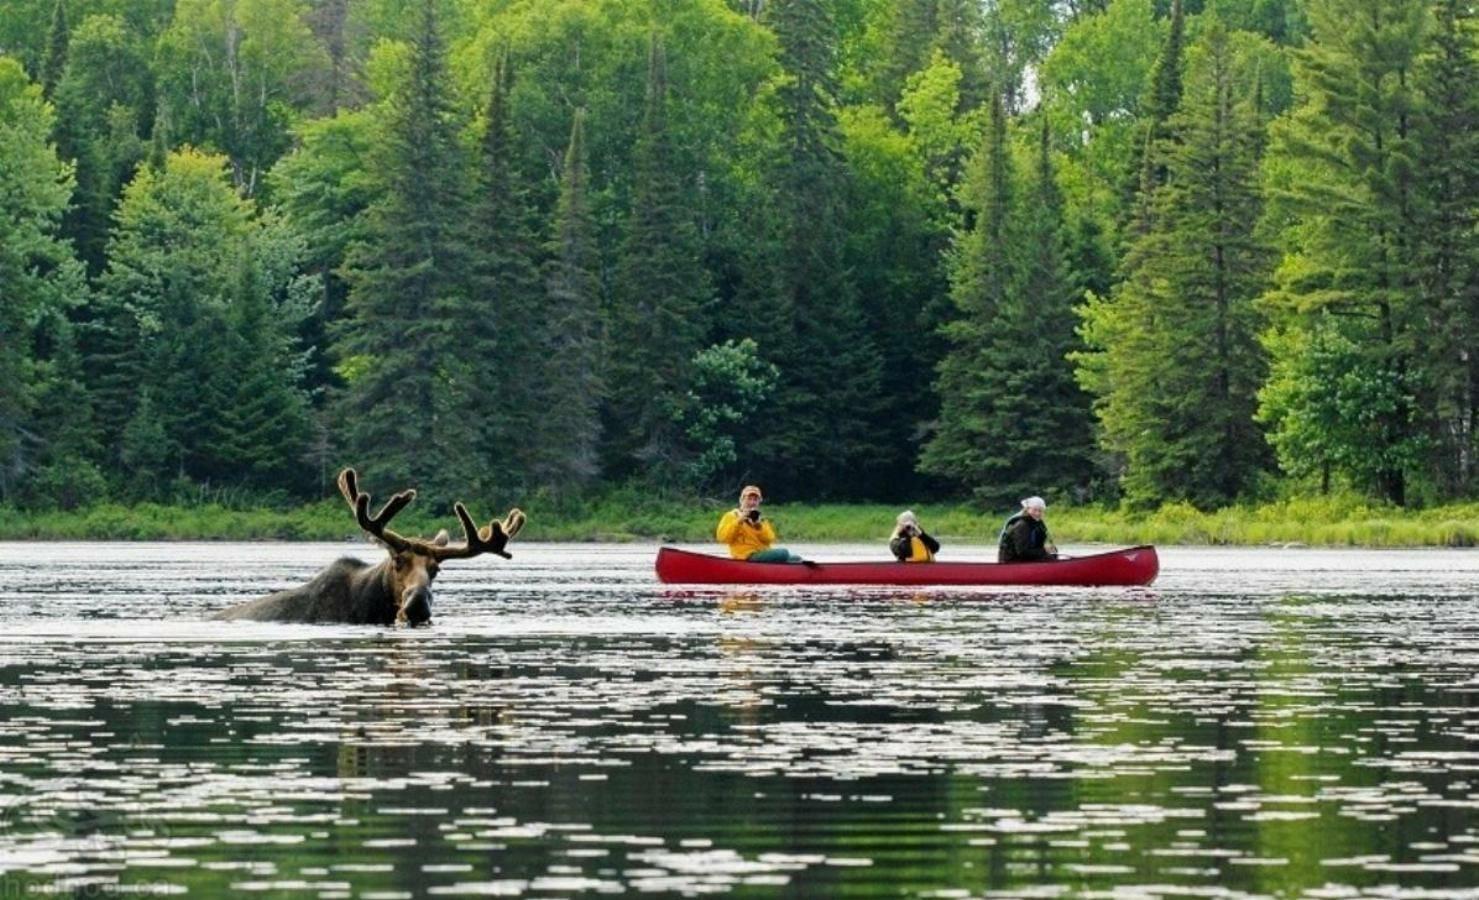 جاذبه های گردشگری کانادا: پارک جنگلی آلگانکوین